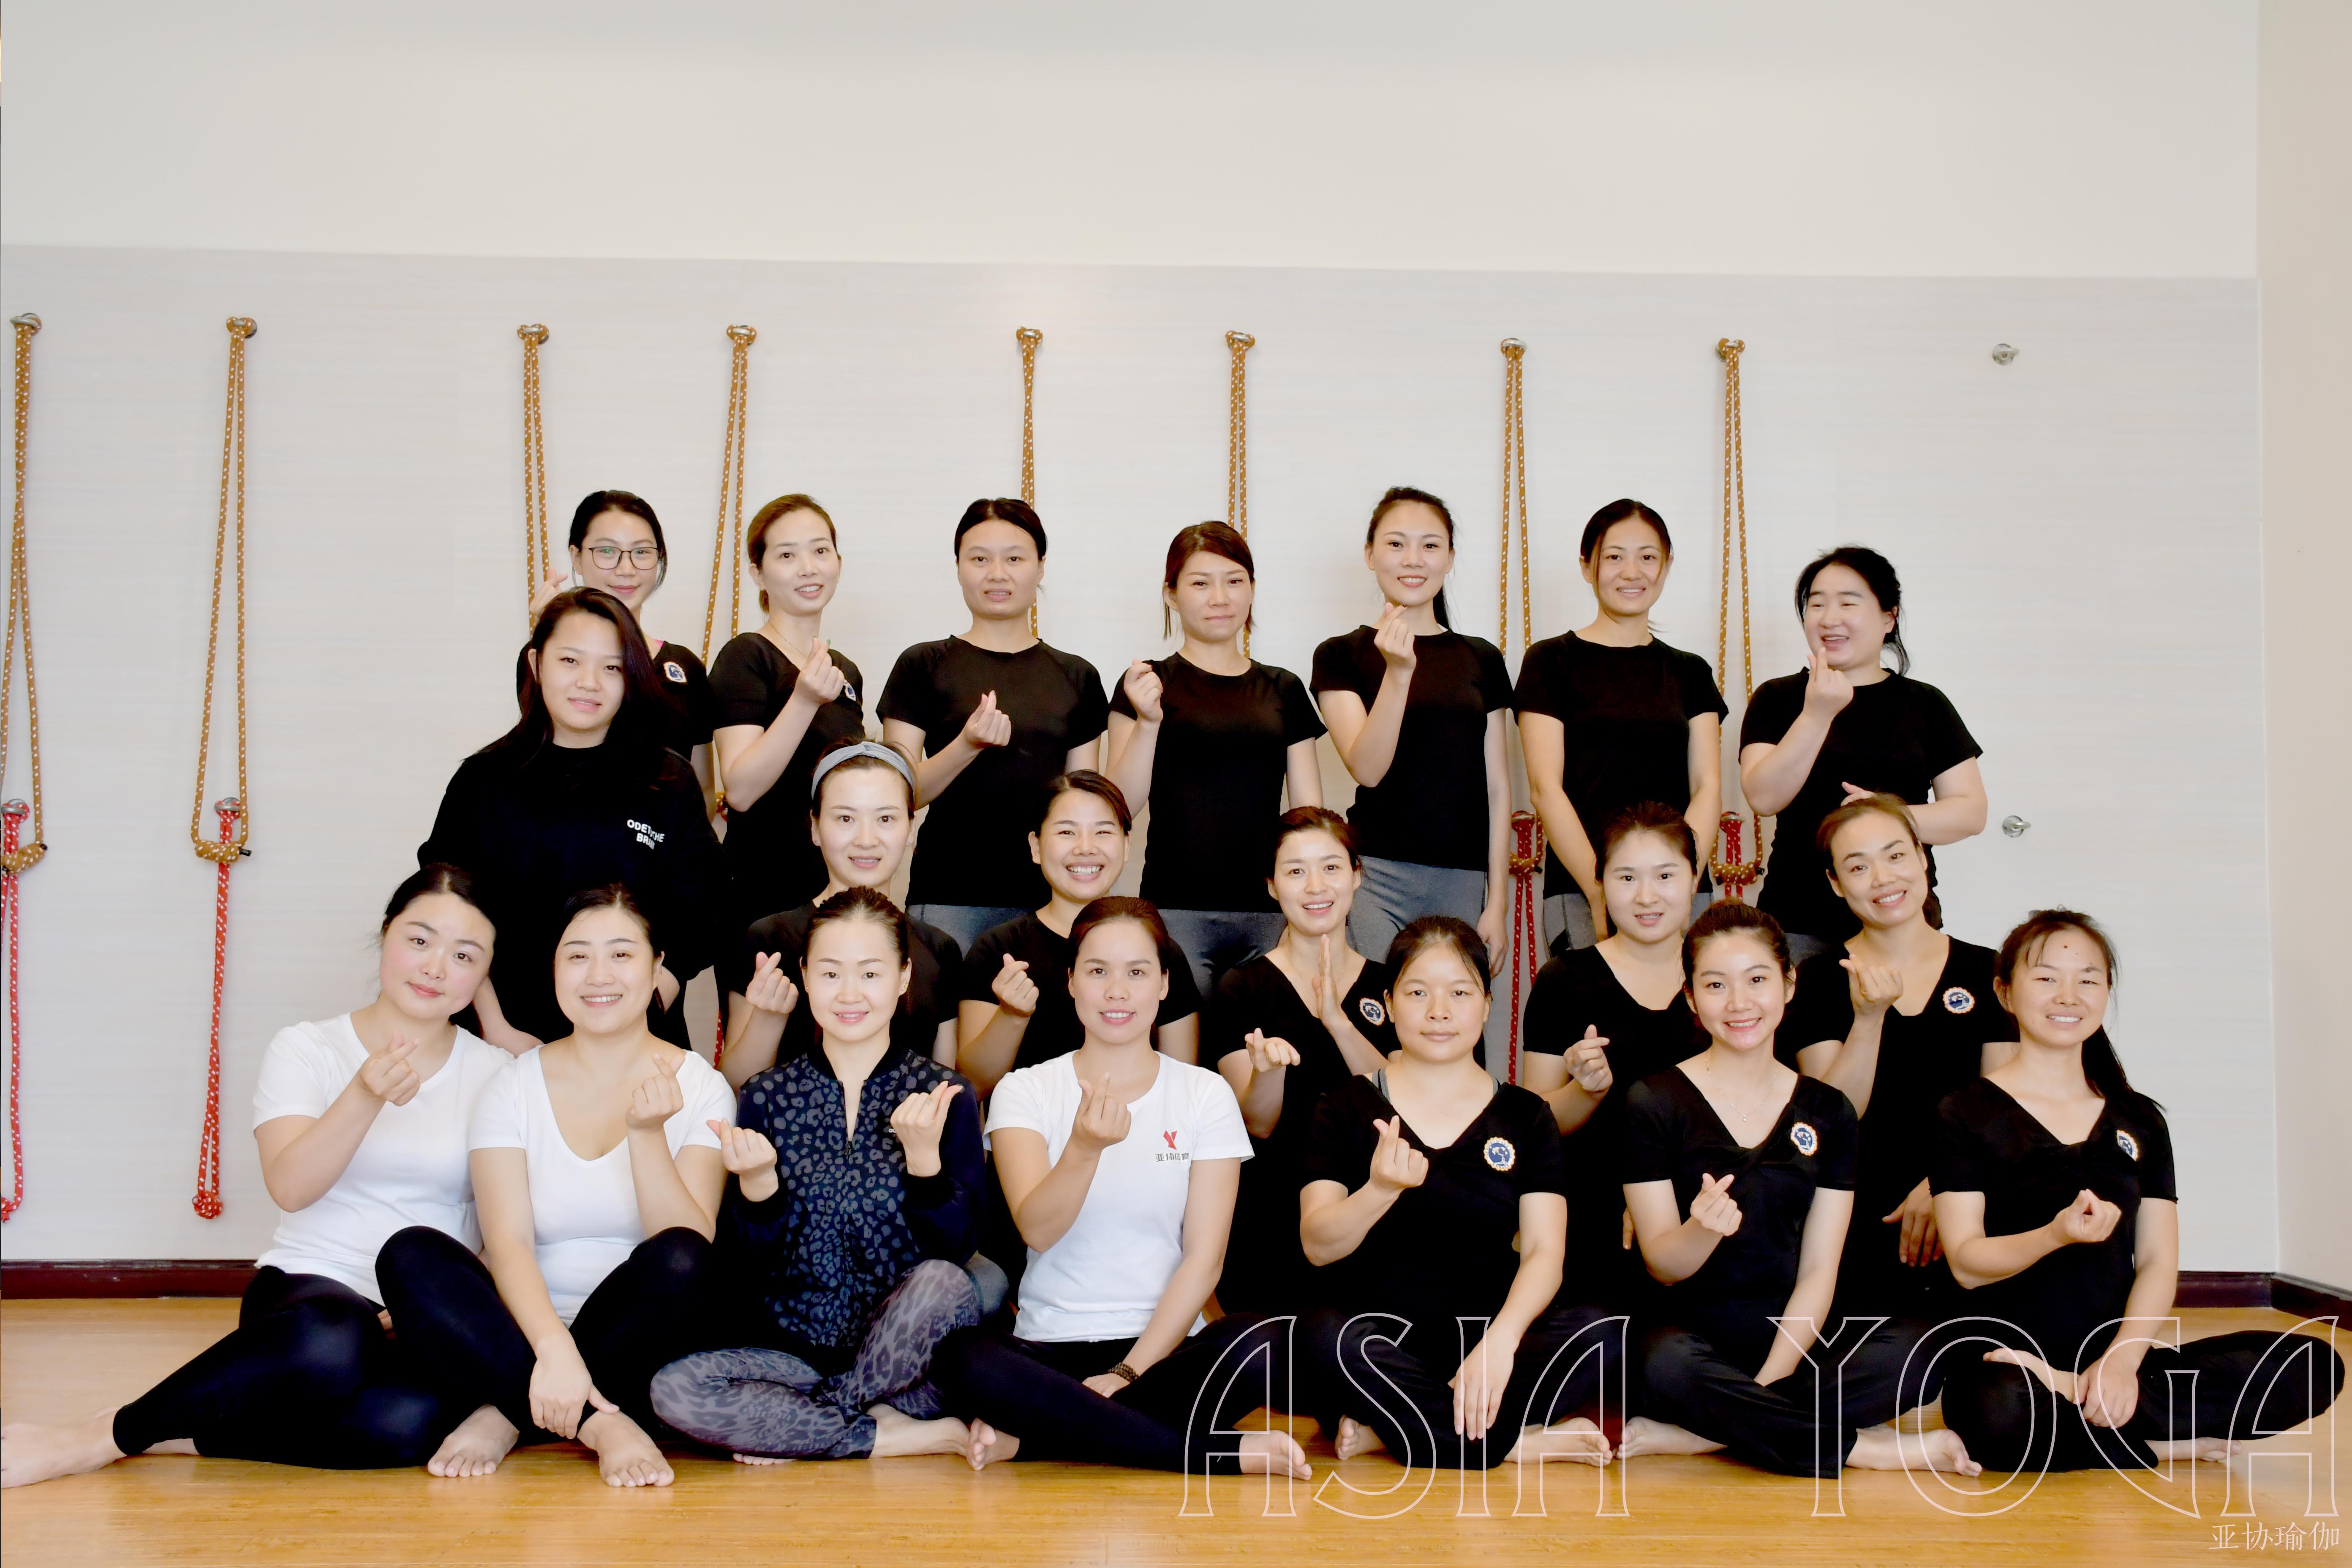 【瑜伽教练培训全日制班】2019年1月10日亚协瑜伽初中高300小时瑜伽教练精进班于中港城开班!